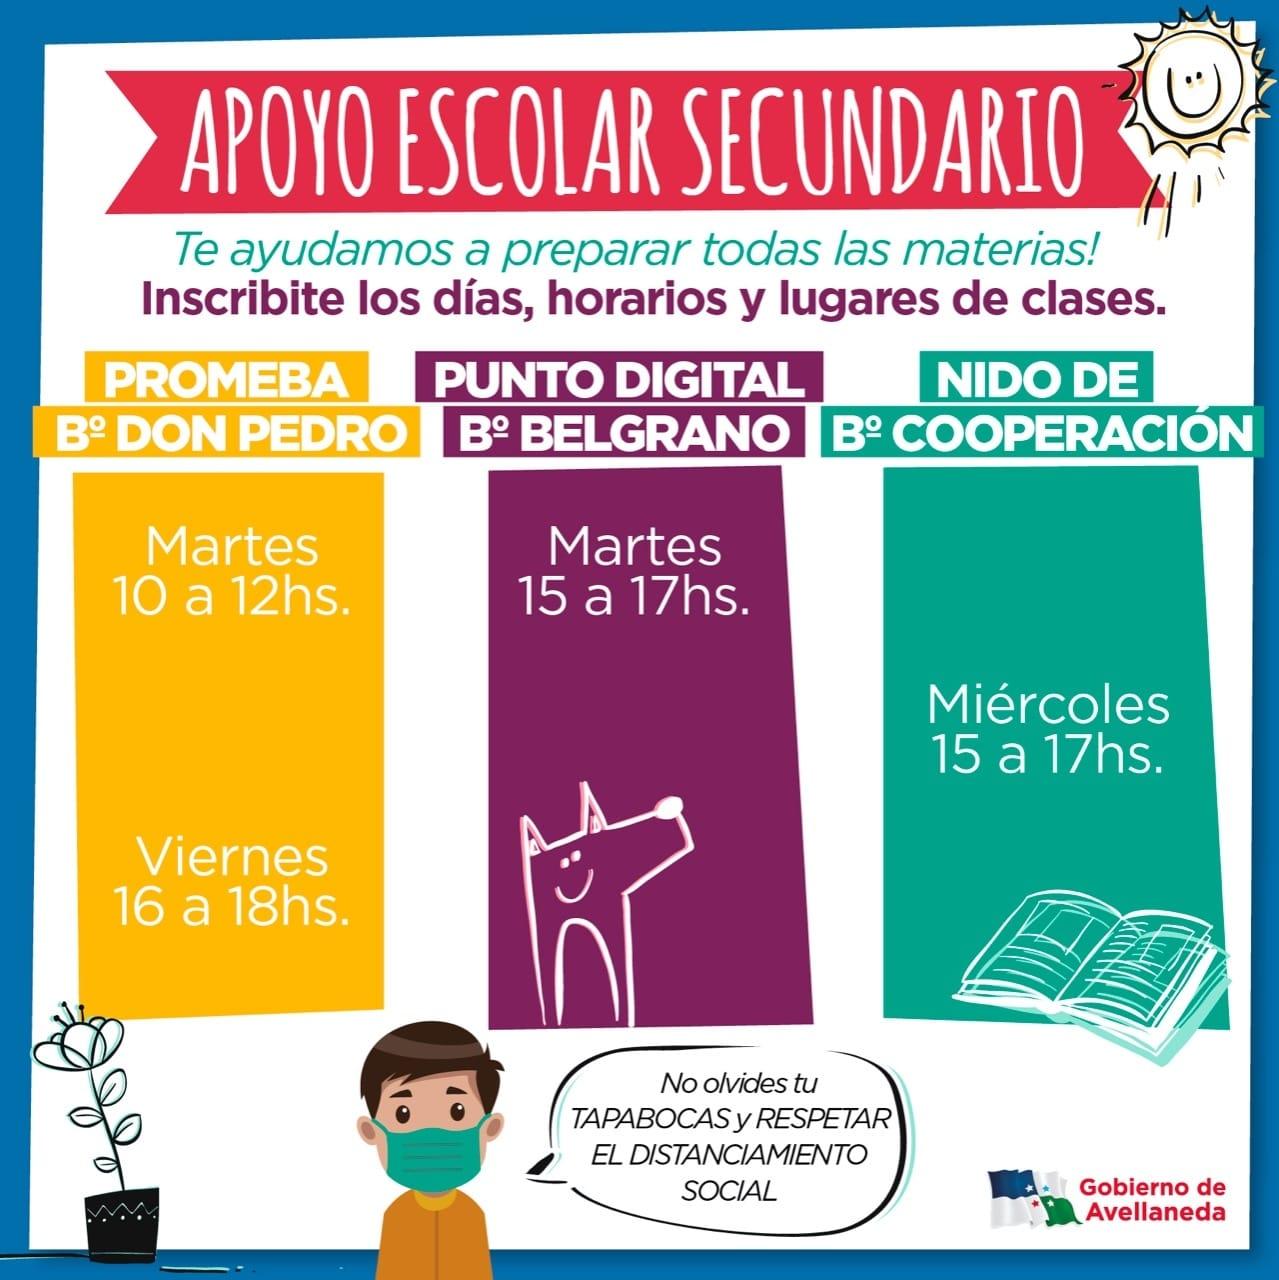 Apoyo Escolar Secundario